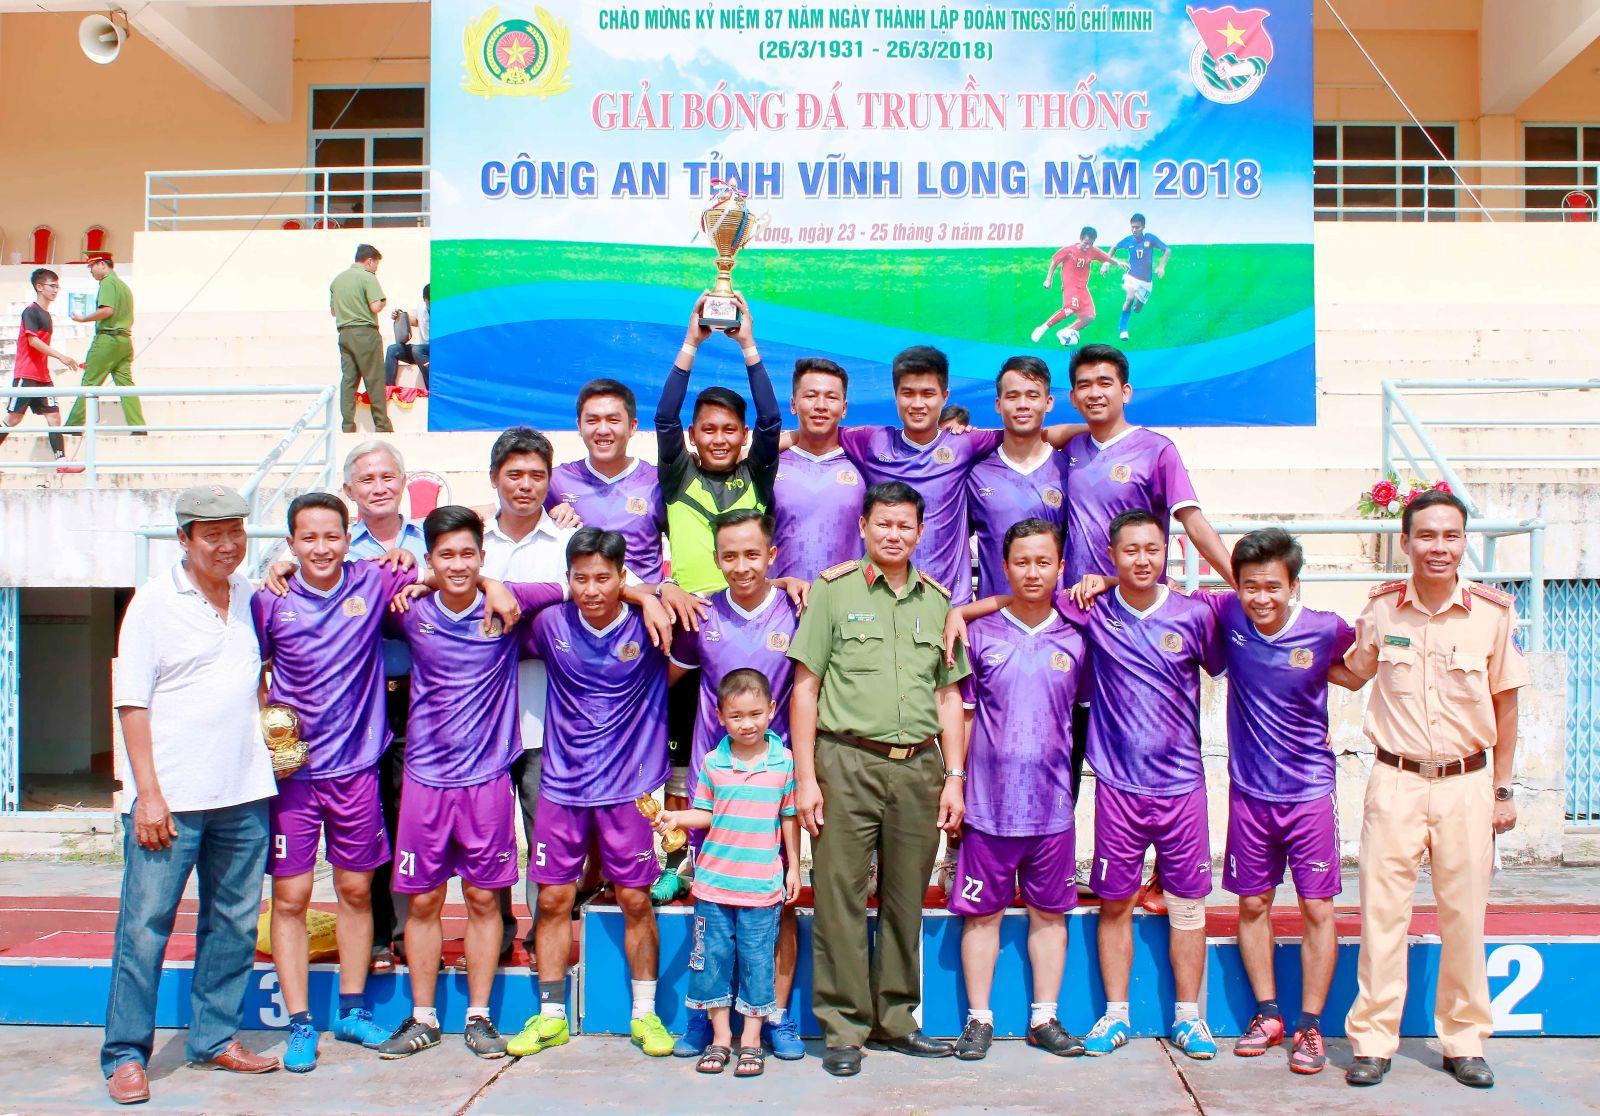 Đội Công an Tam Bình giành chức vô địch mùa giải 2018